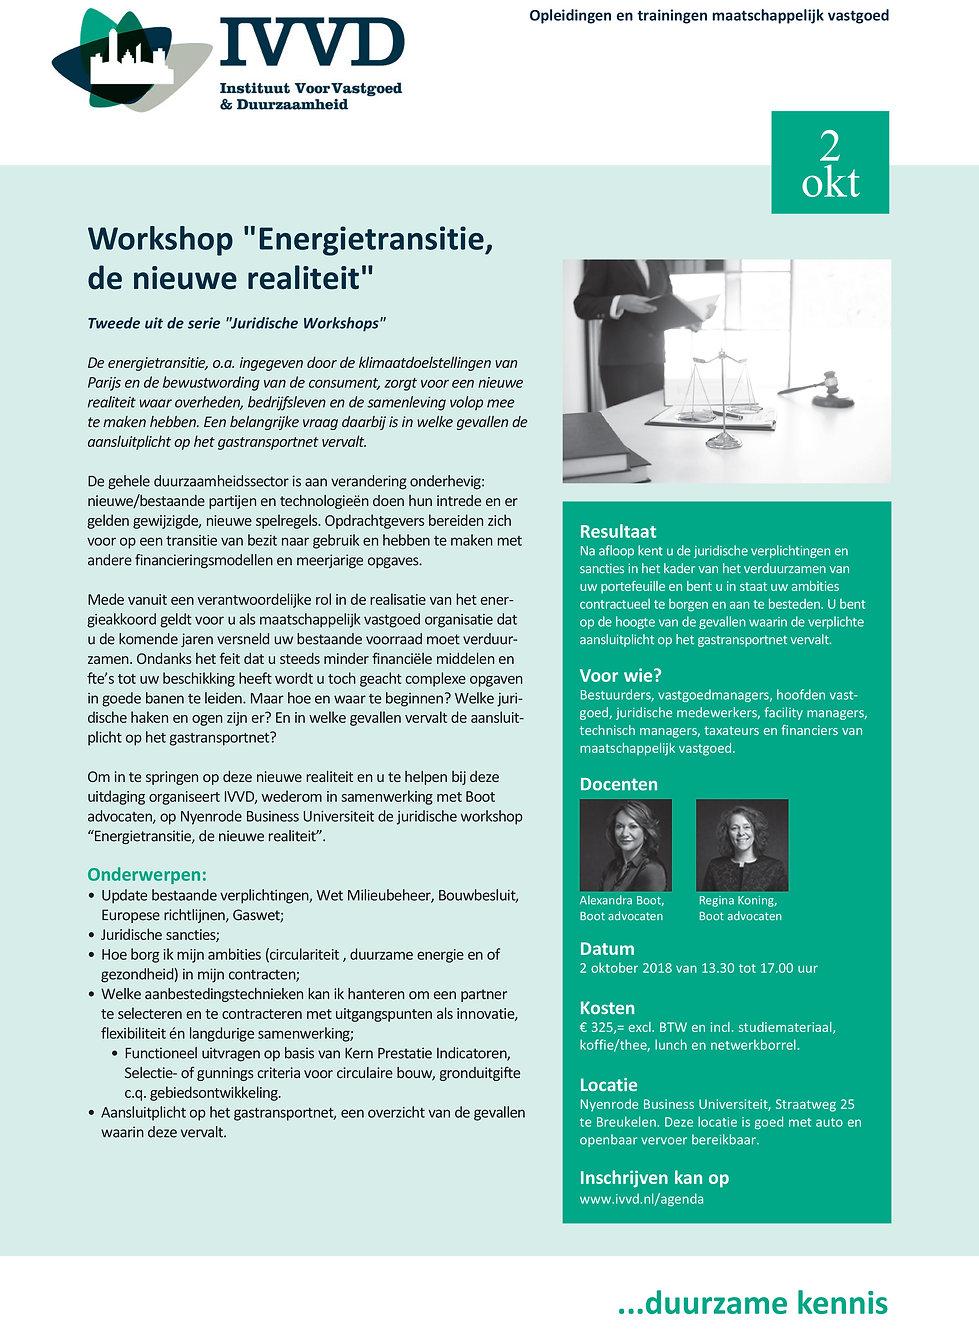 Workshop_Energietransitie-02102018.jpg